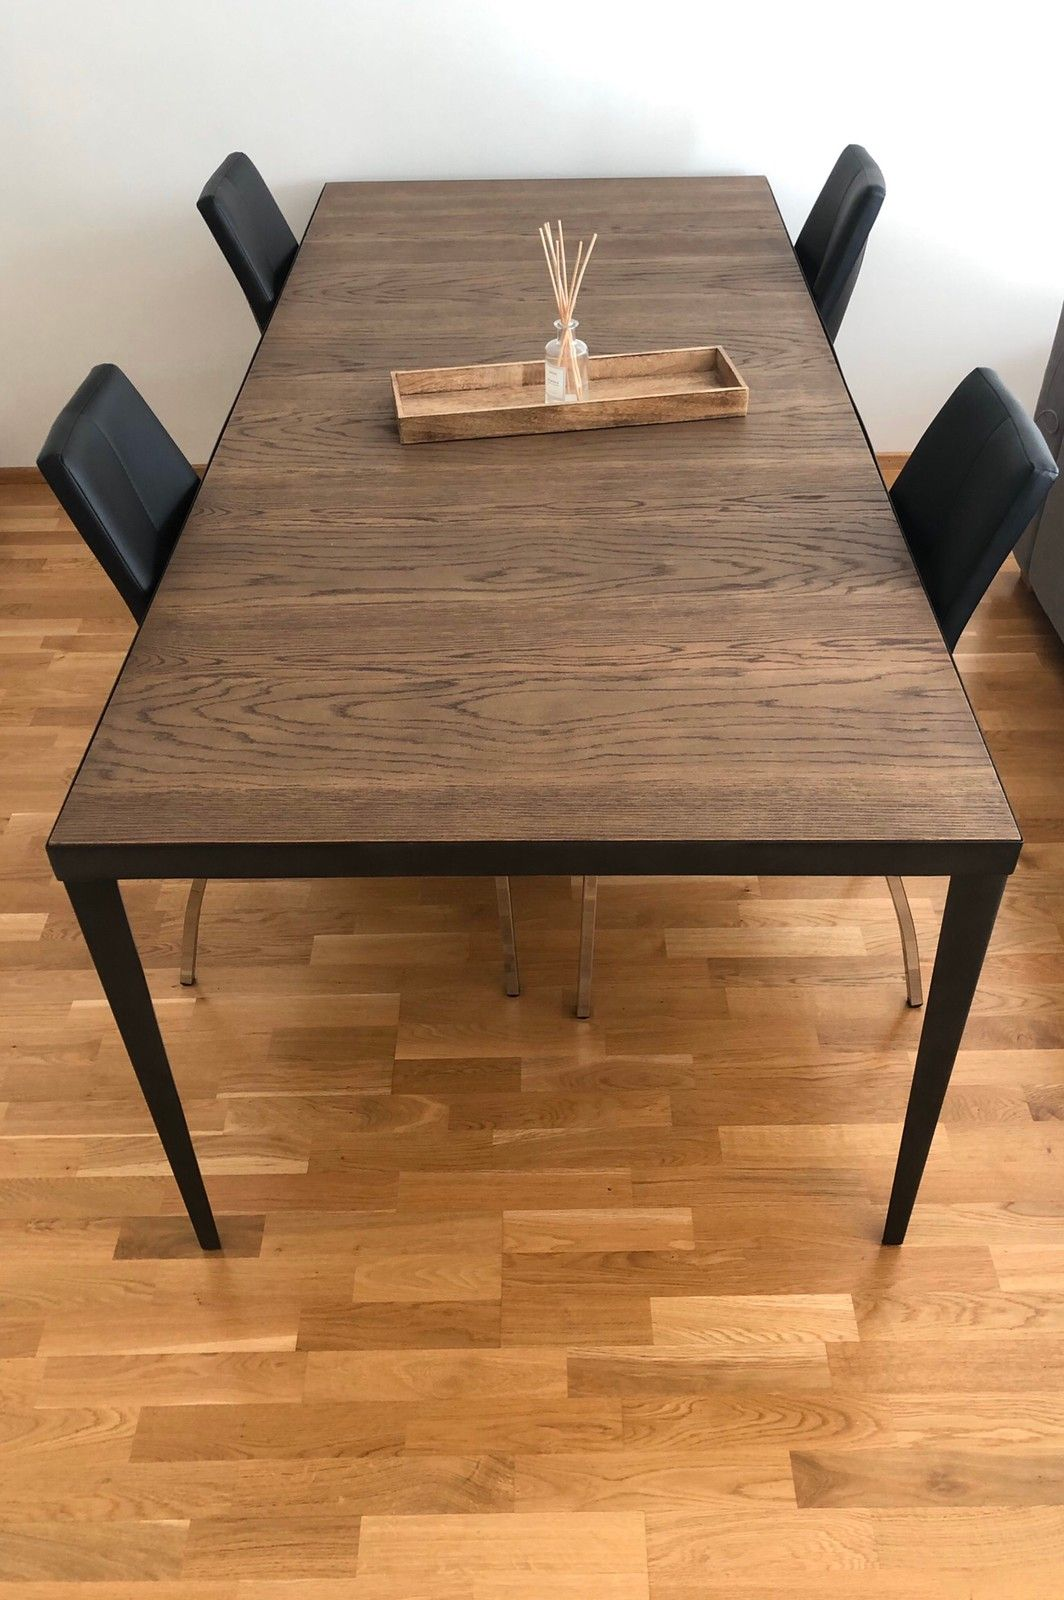 Spisebord fra home cottage Kjøpe, selge og utveksle annonser